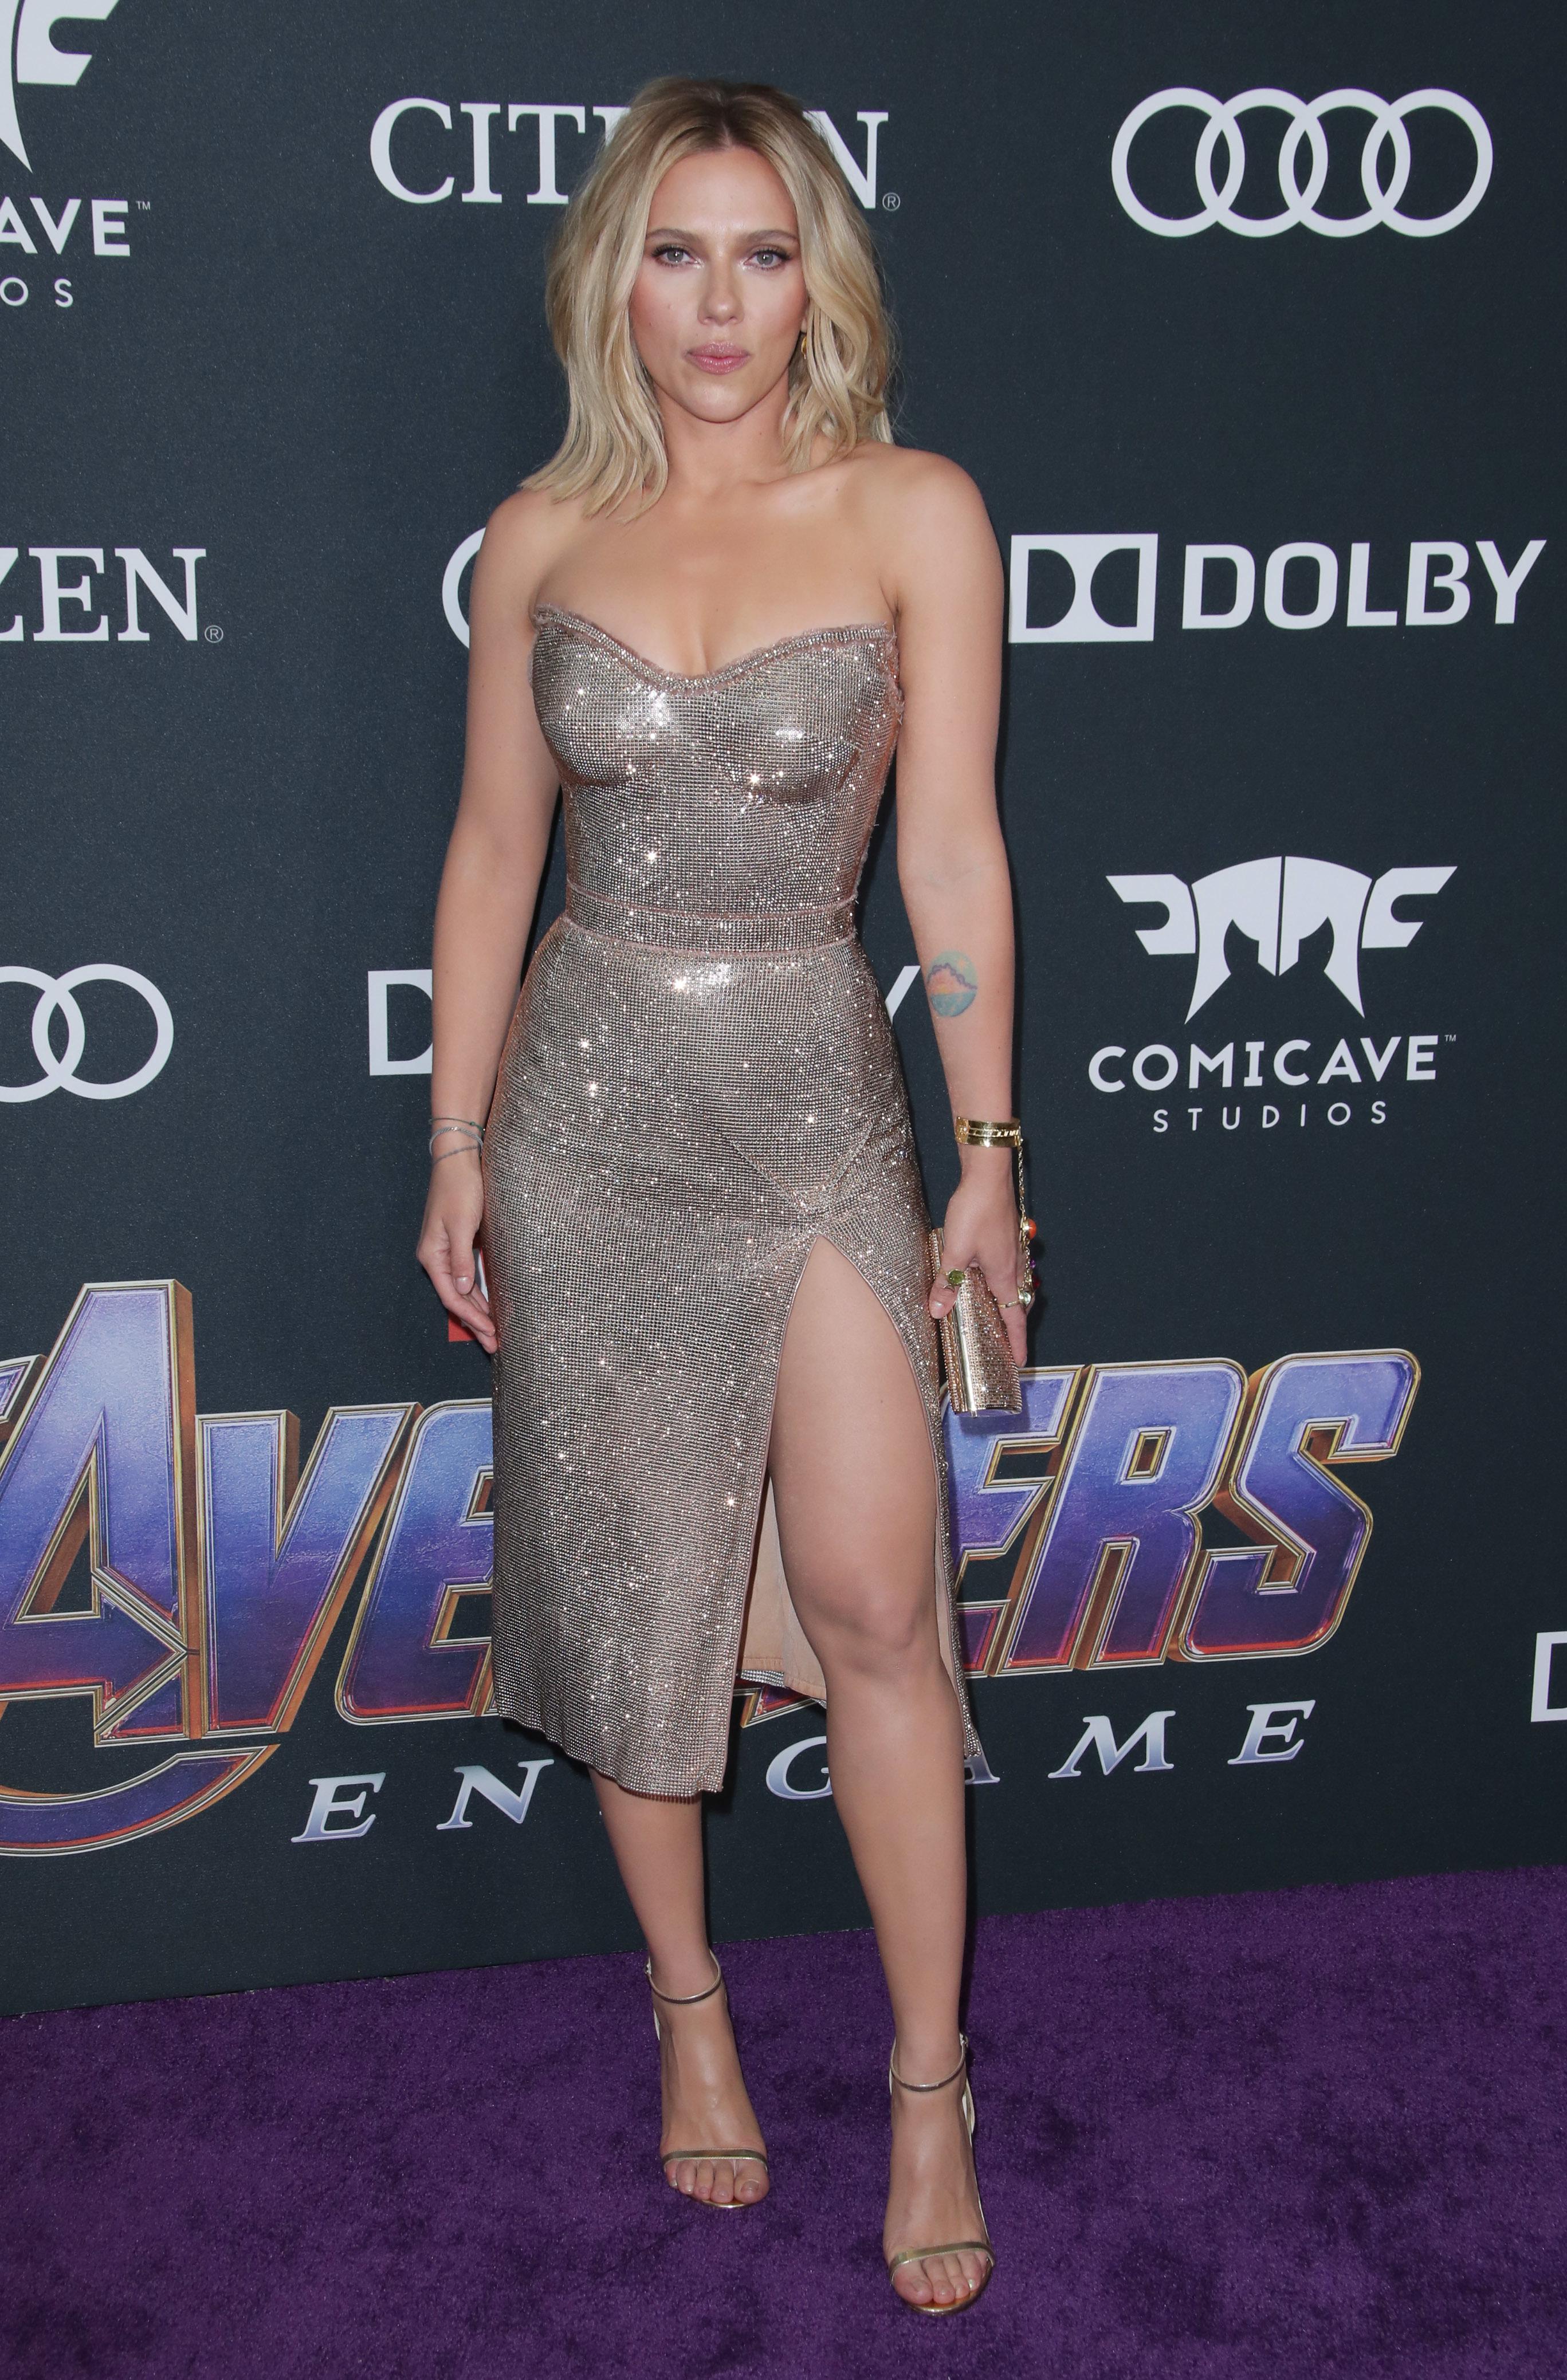 Best recent looks from the stars of Avengers: Endgame